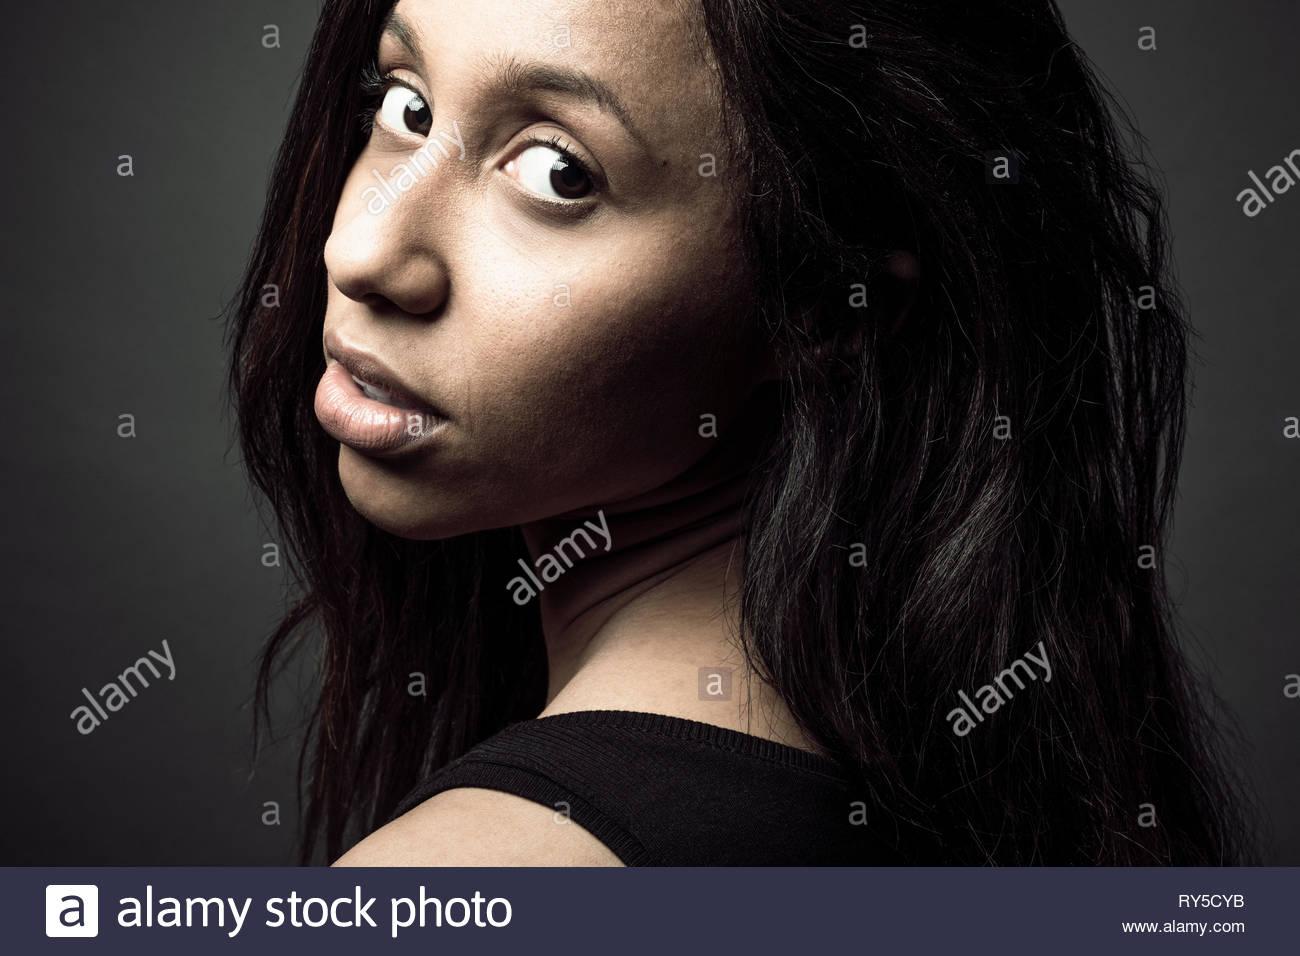 Retrato seguros hermosa jamaiquina con largo cabello negro y ojos marrones Imagen De Stock